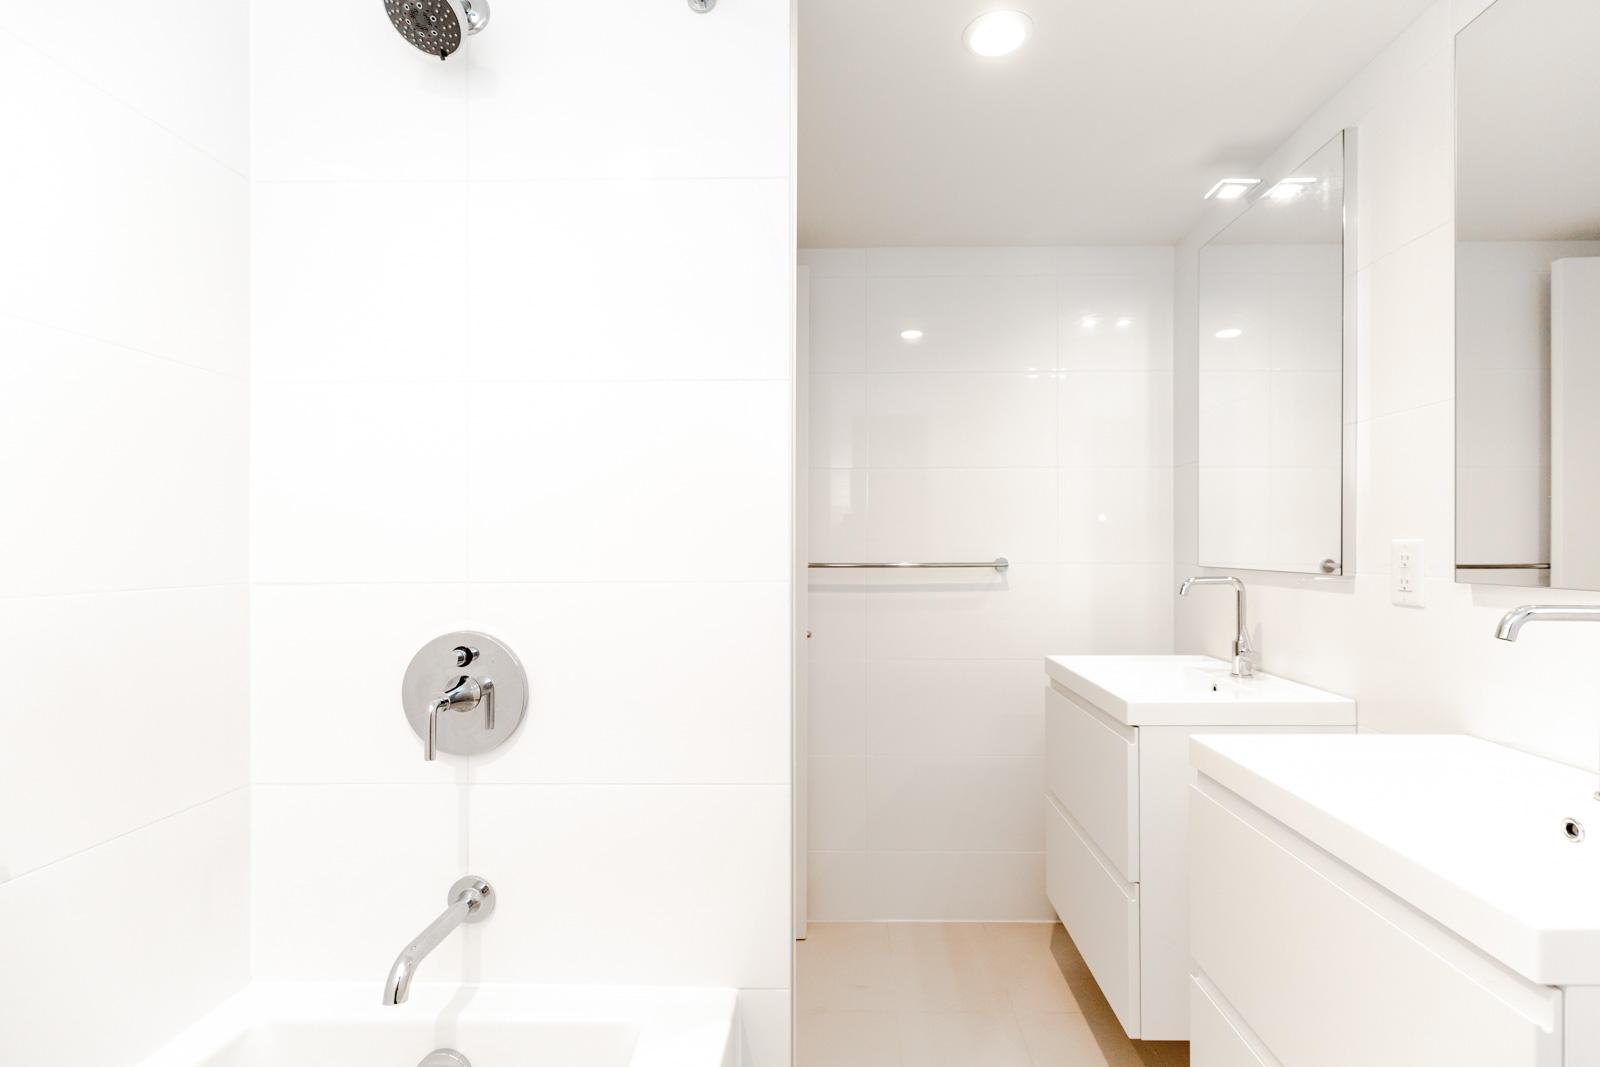 Bathroom in Downtown Vancouver luxury rental condo.